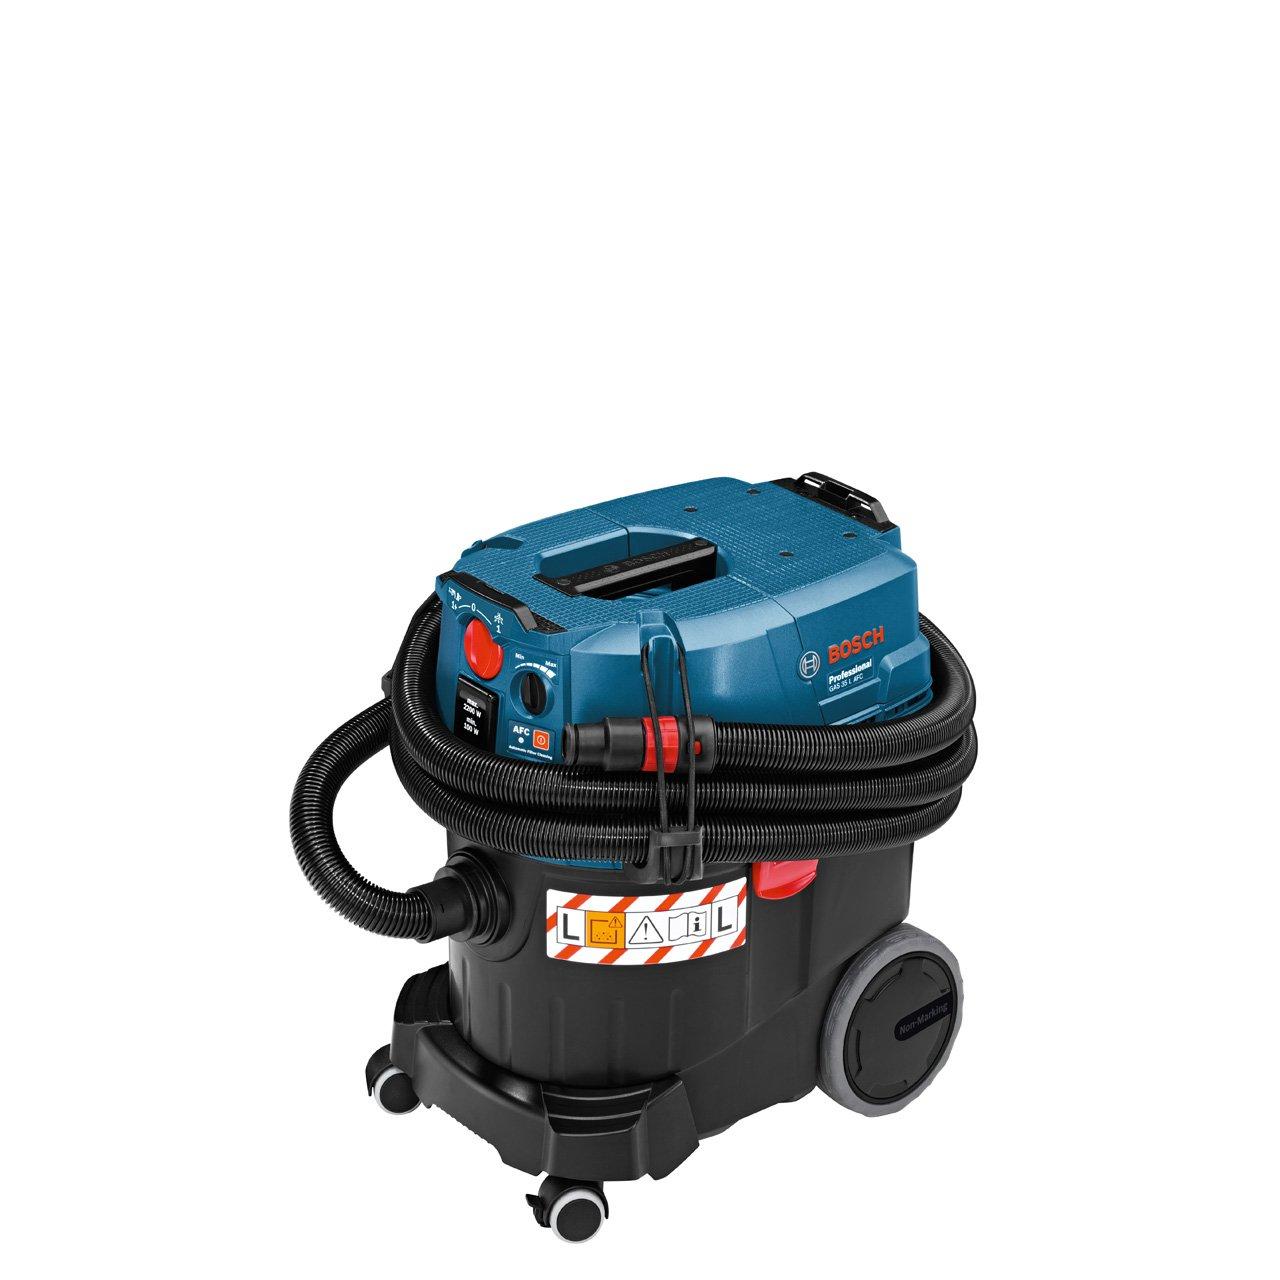 Bosch Professional GAS 35 L AFC, 1.380 W Max., 35 l Behältervolumen, Fugendüse 250 mm, Flachfaltenfilter PES, Krümmer, BodendüsenSet, 3x Saugrohr verchromt  Überprüfung und weitere Informationen